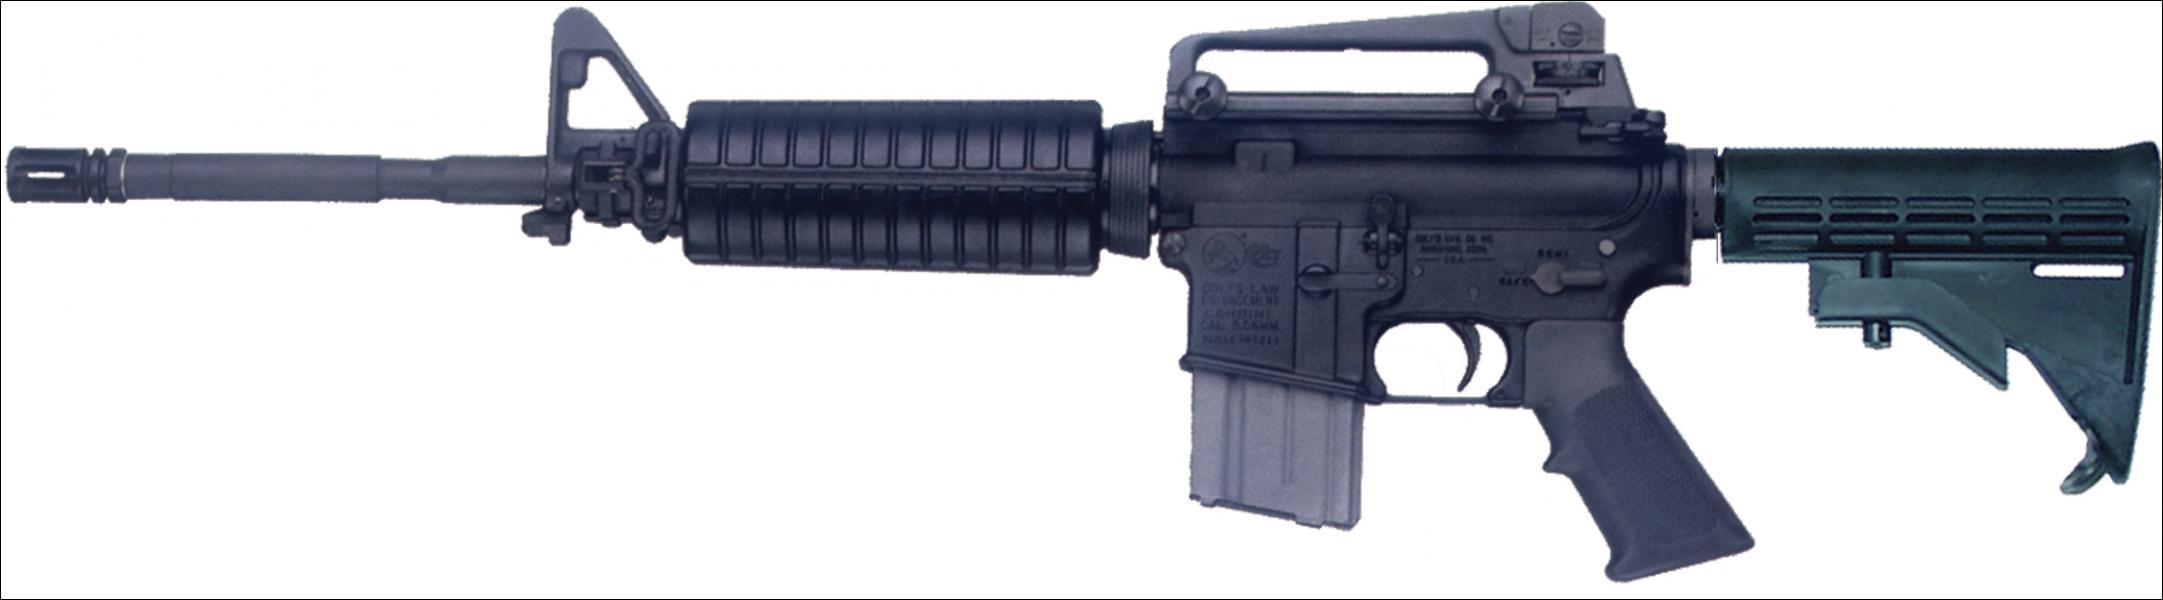 Quels accessoires peut-on mettre sur cette arme?